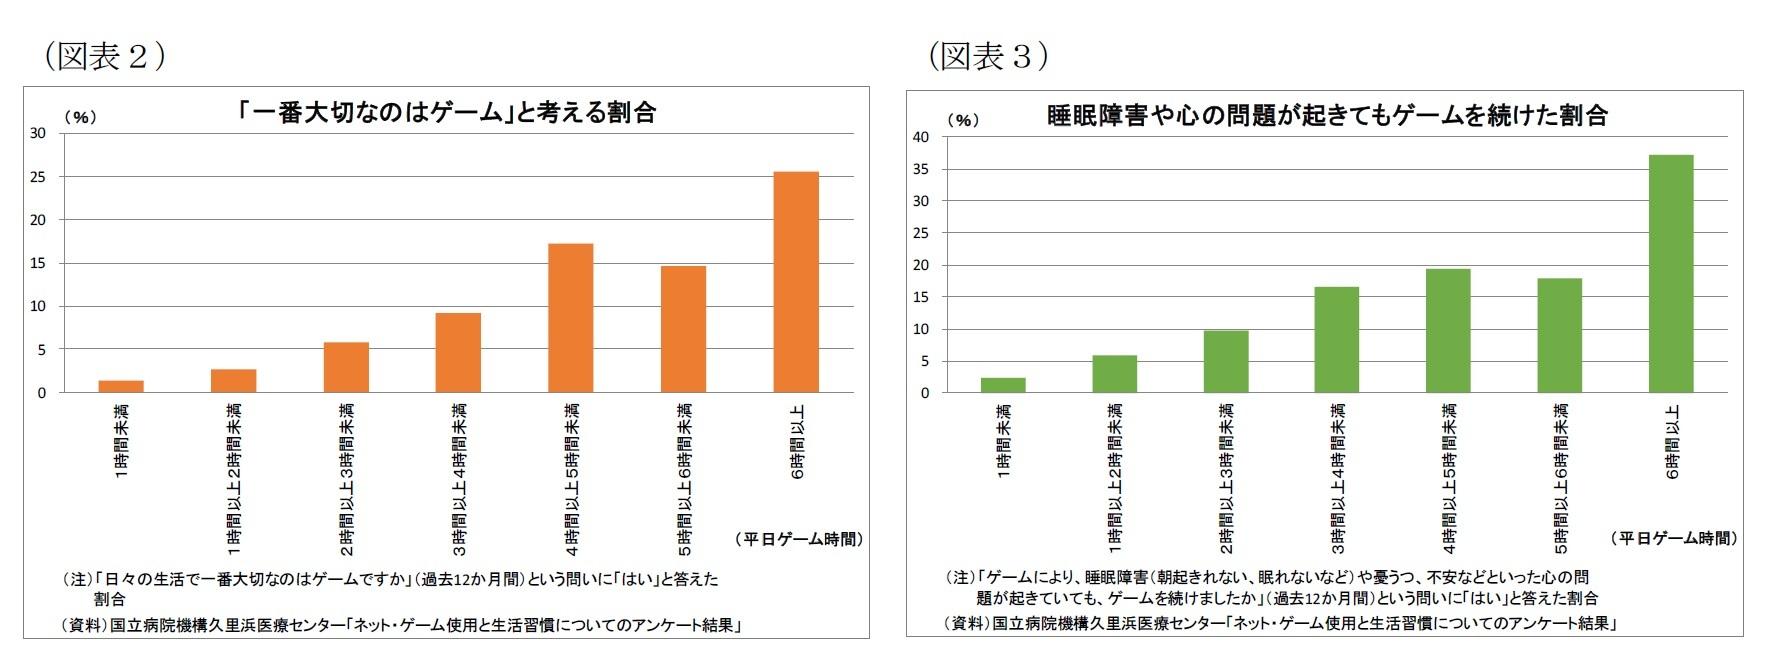 (図表2「一番大切なのはゲーム」と考える割合)/(図表3)睡眠障害や心の問題が起きてもゲームを続けた割合